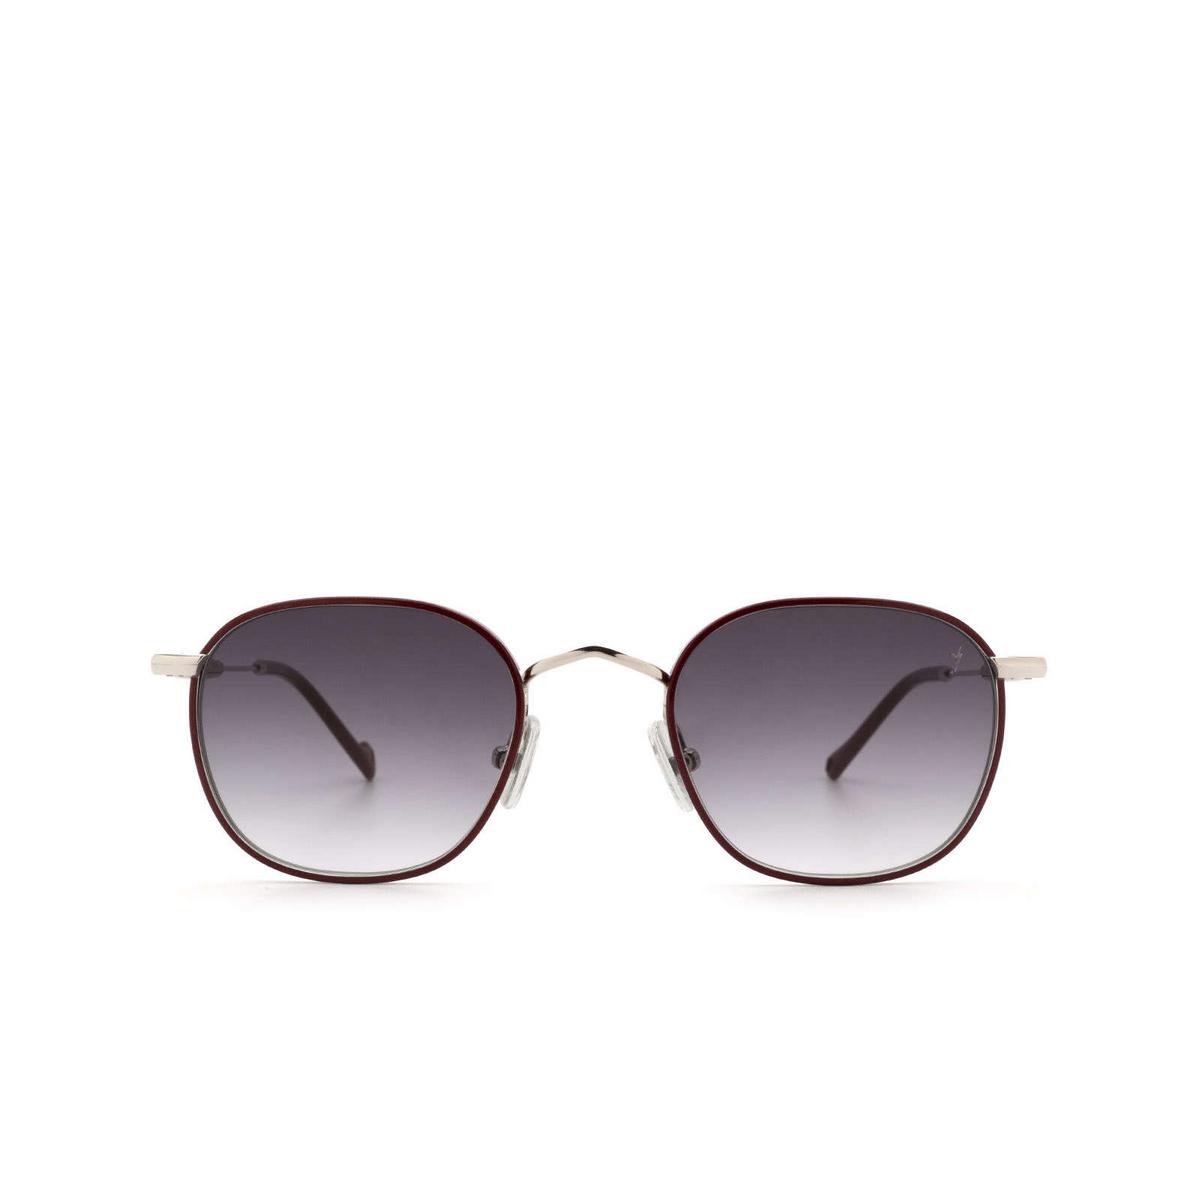 Eyepetizer® Square Sunglasses: Trois color Bordeaux C.1-C-P-27 - front view.